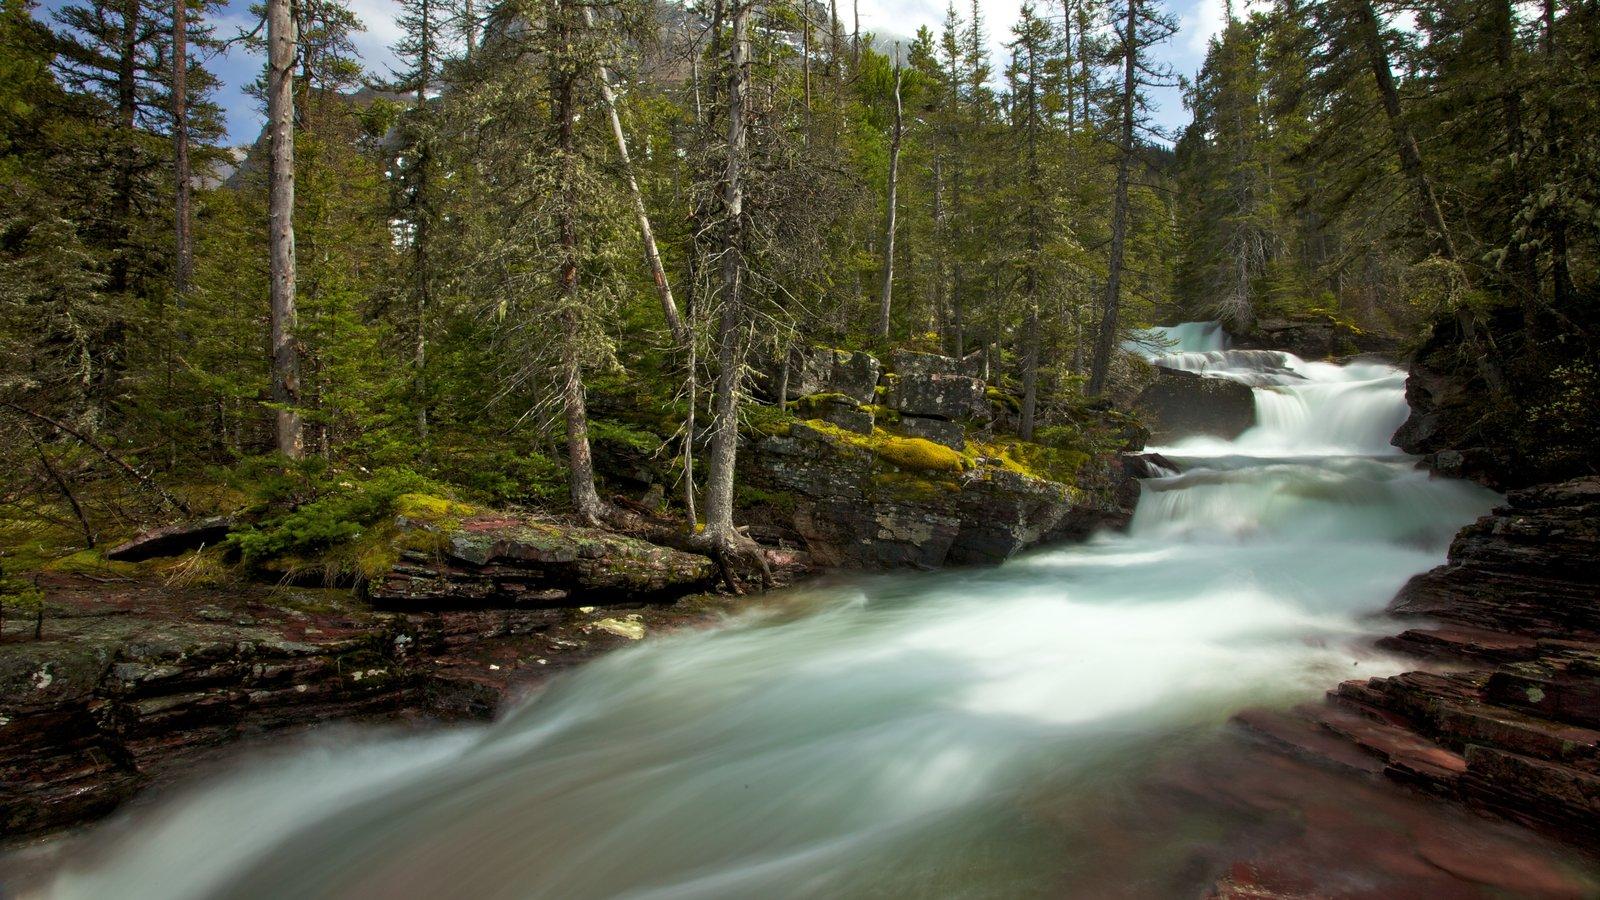 Parque Nacional de los Glaciares ofreciendo un río o arroyo y rápidos